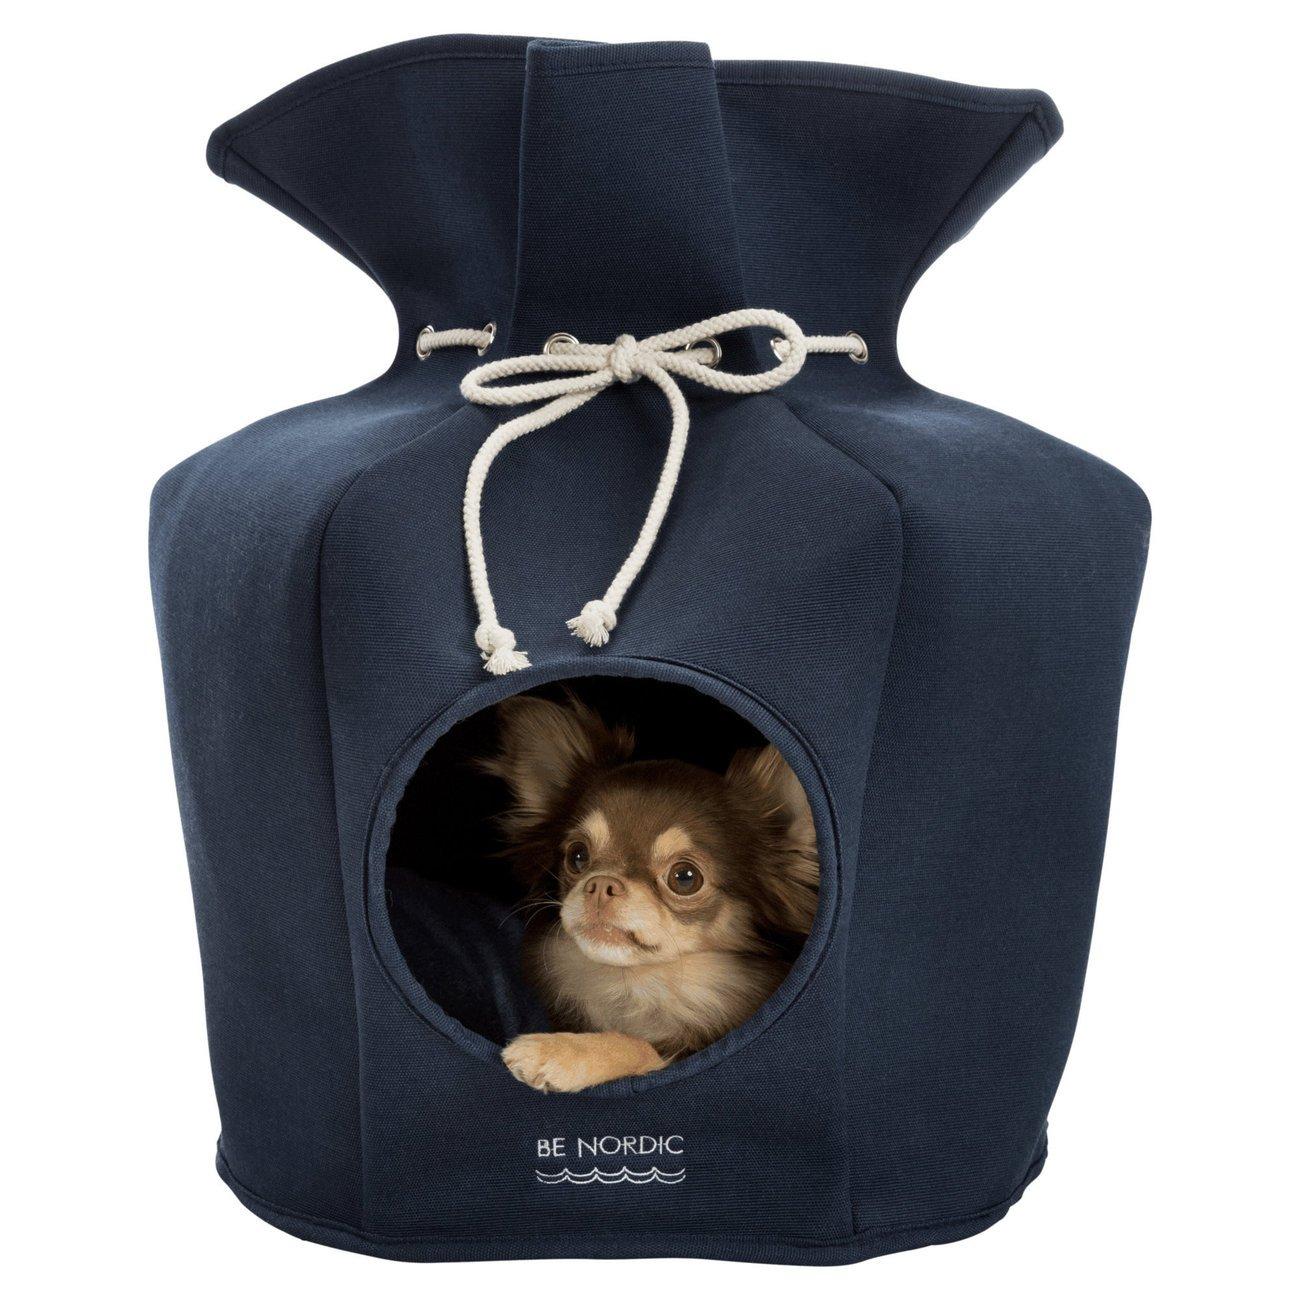 TRIXIE BE NORDIC Kuschelhöhle für Hunde und Katzen 36273, Bild 3